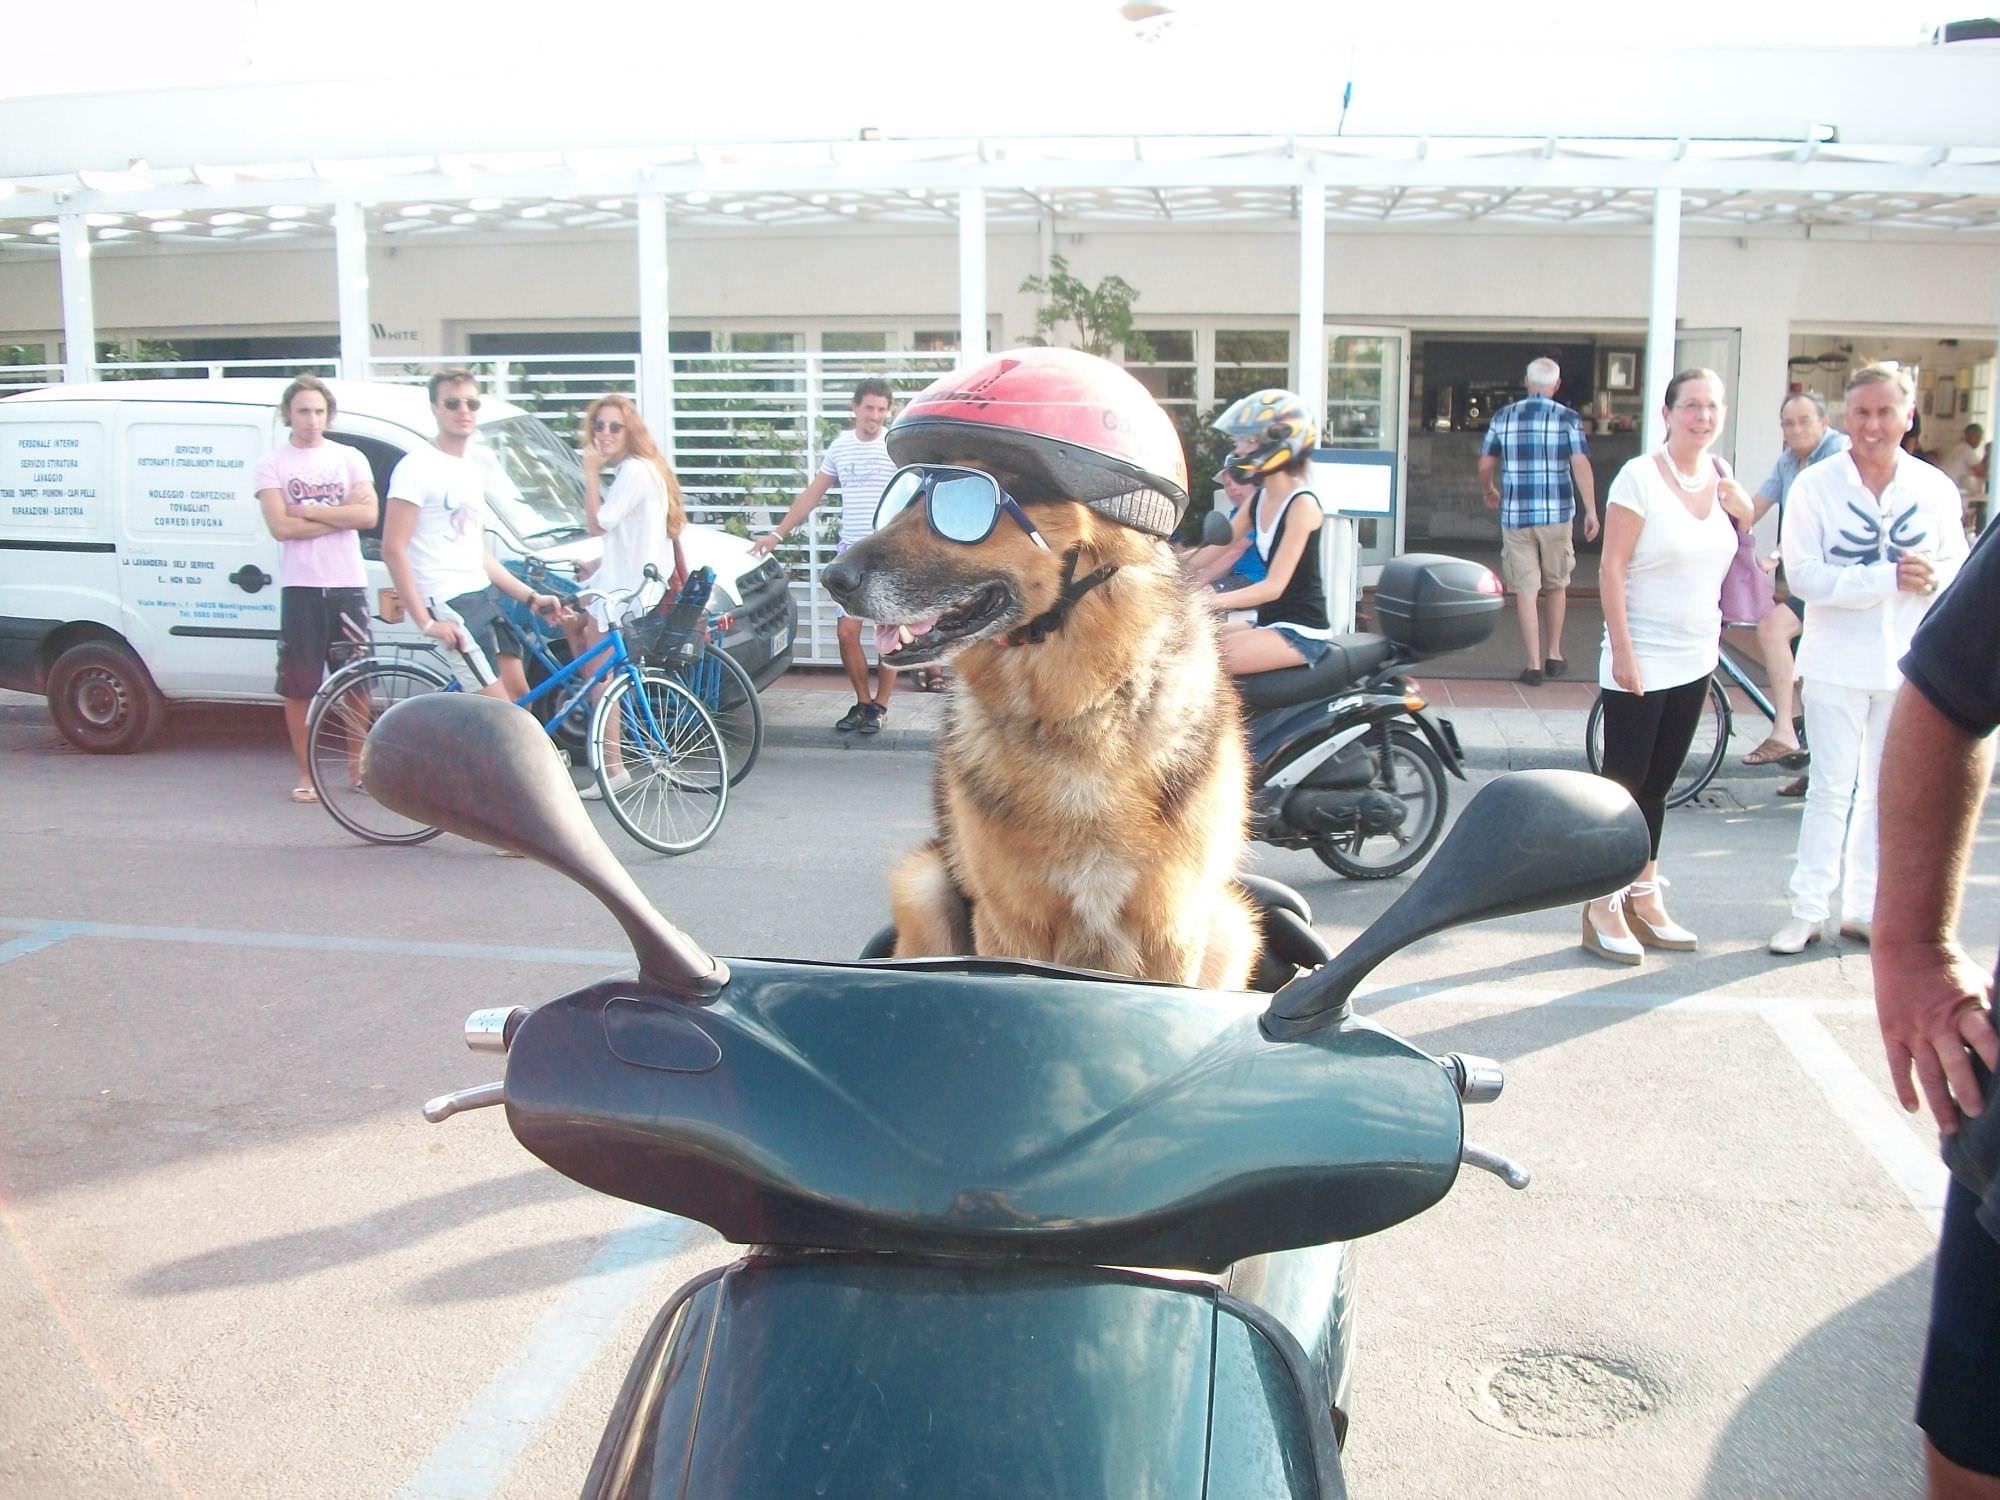 Un cane guida lo scooter for Puntura vespa cane